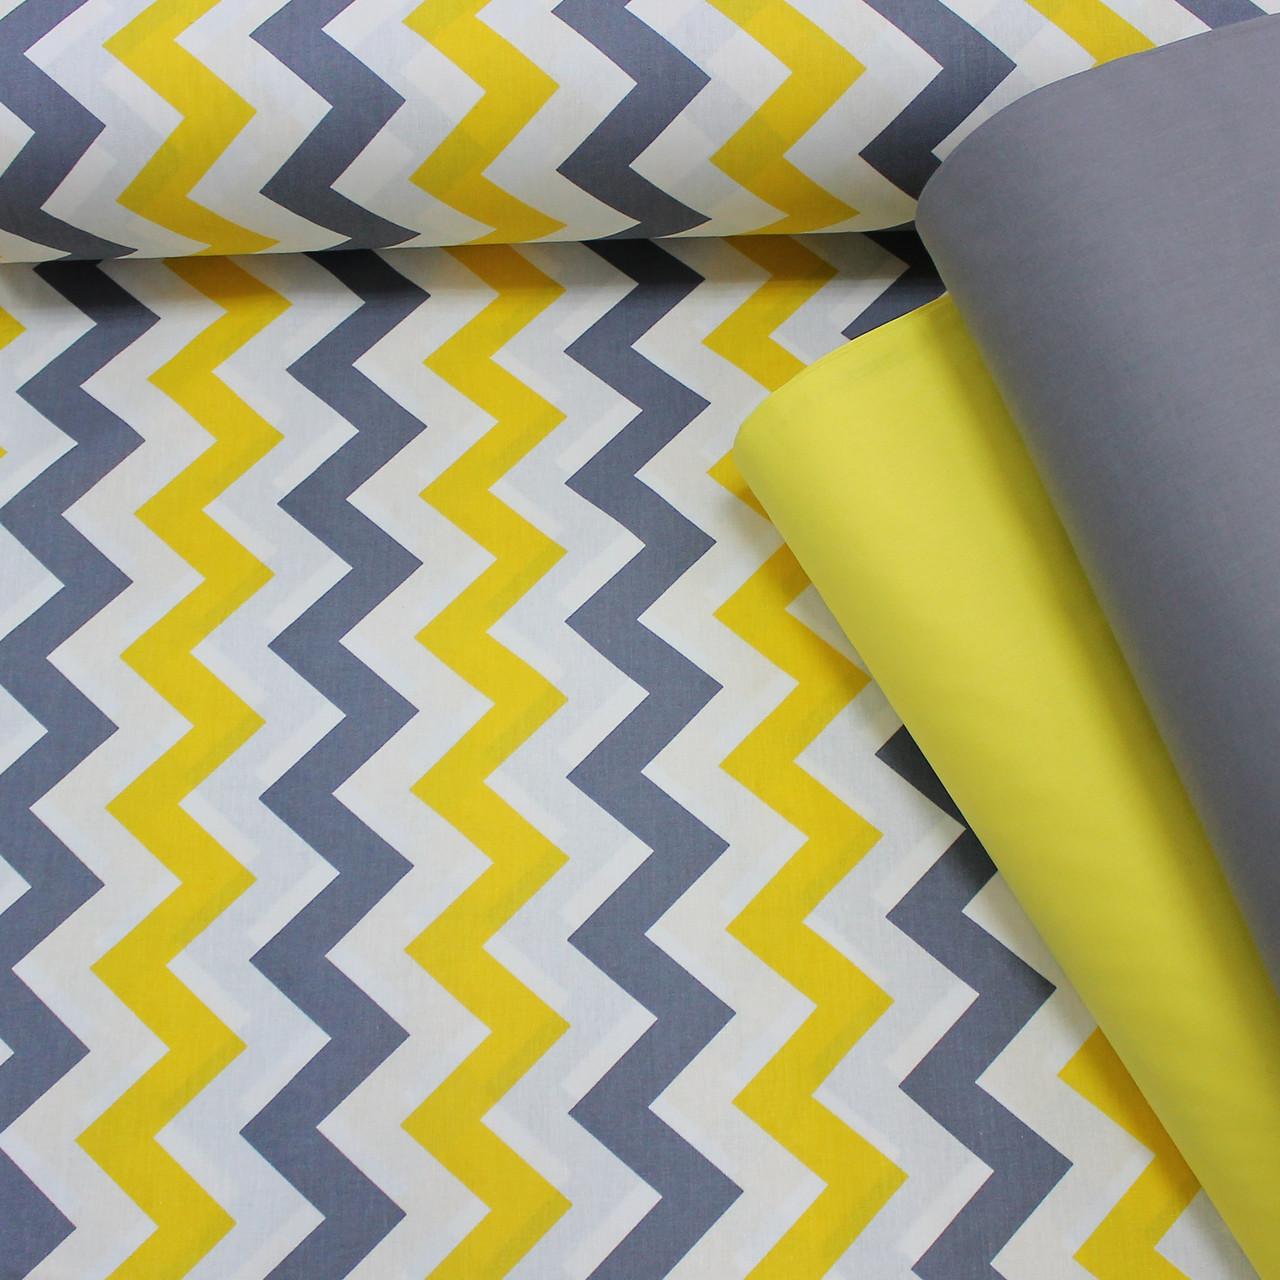 Хлопковая ткань (ТУРЦИЯ шир. 2,4 м) зигзаг желто-графитовый